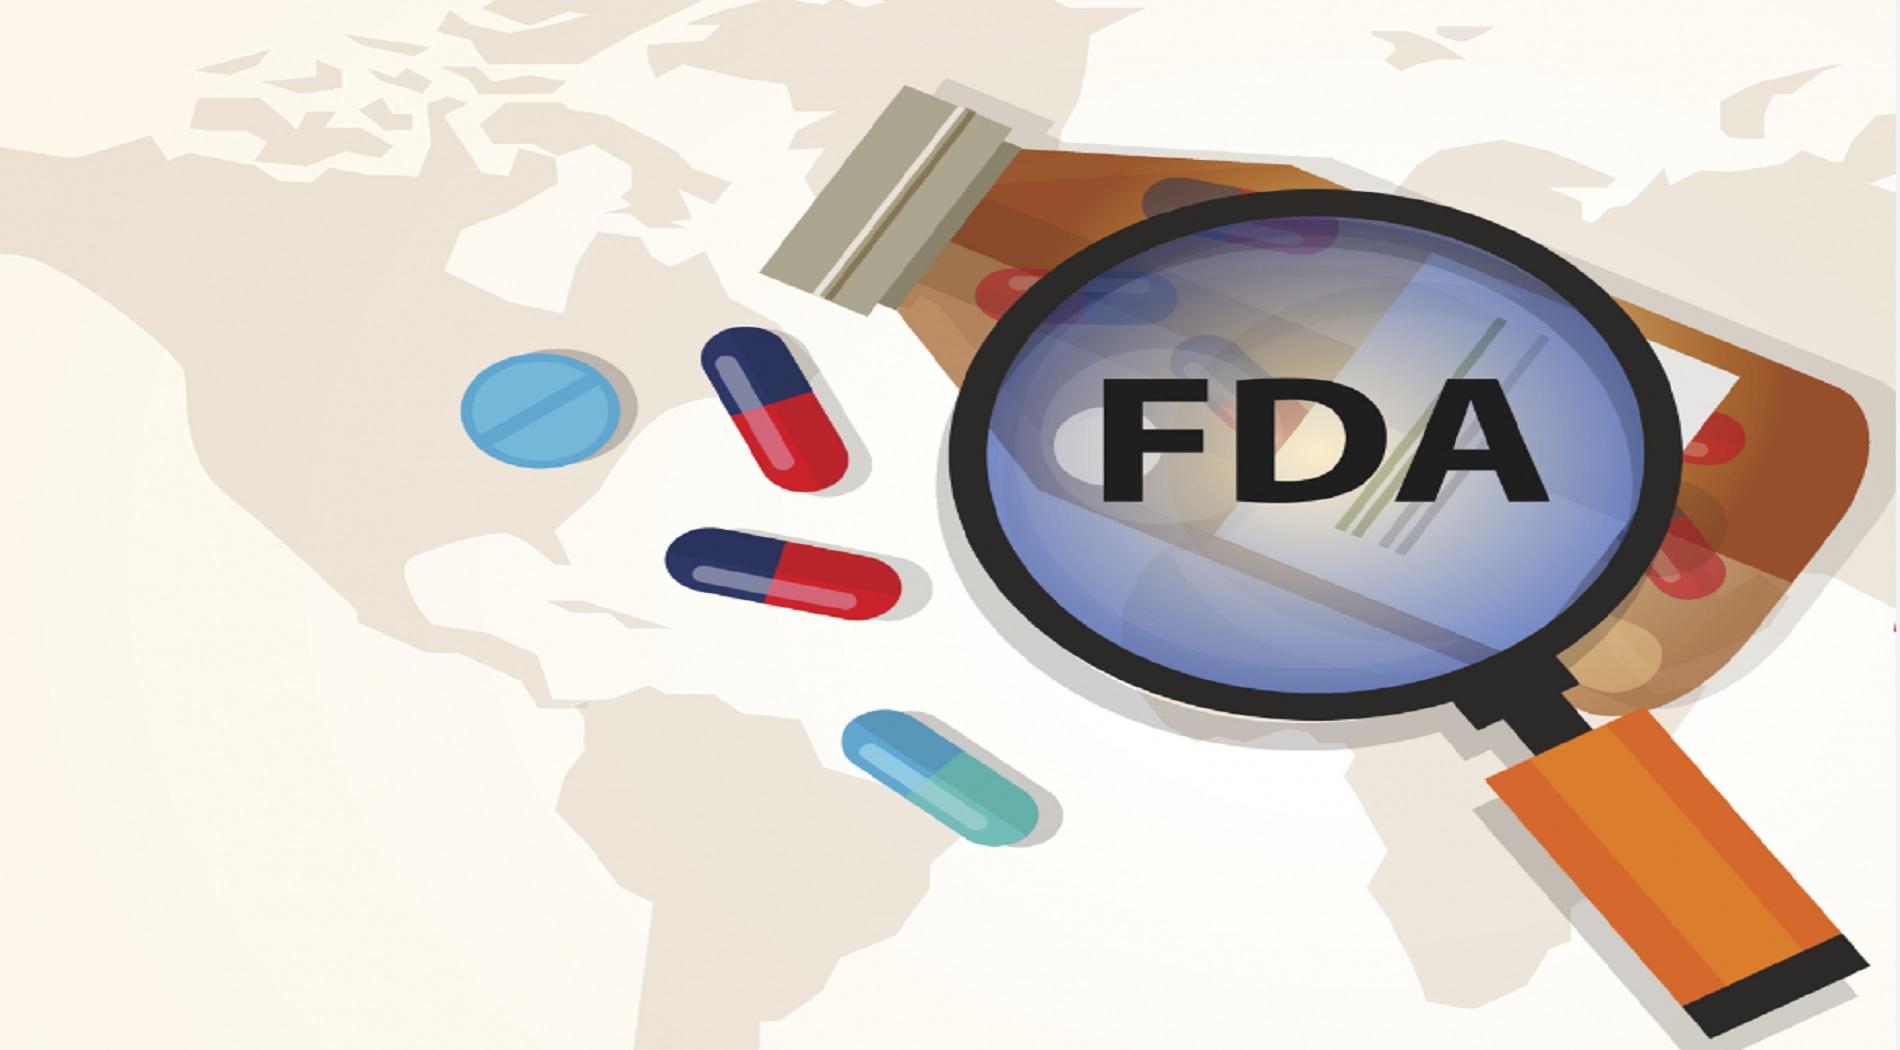 Αγώνας για τον νέο επικεφαλής του FDA – Ποιος προκρίνεται